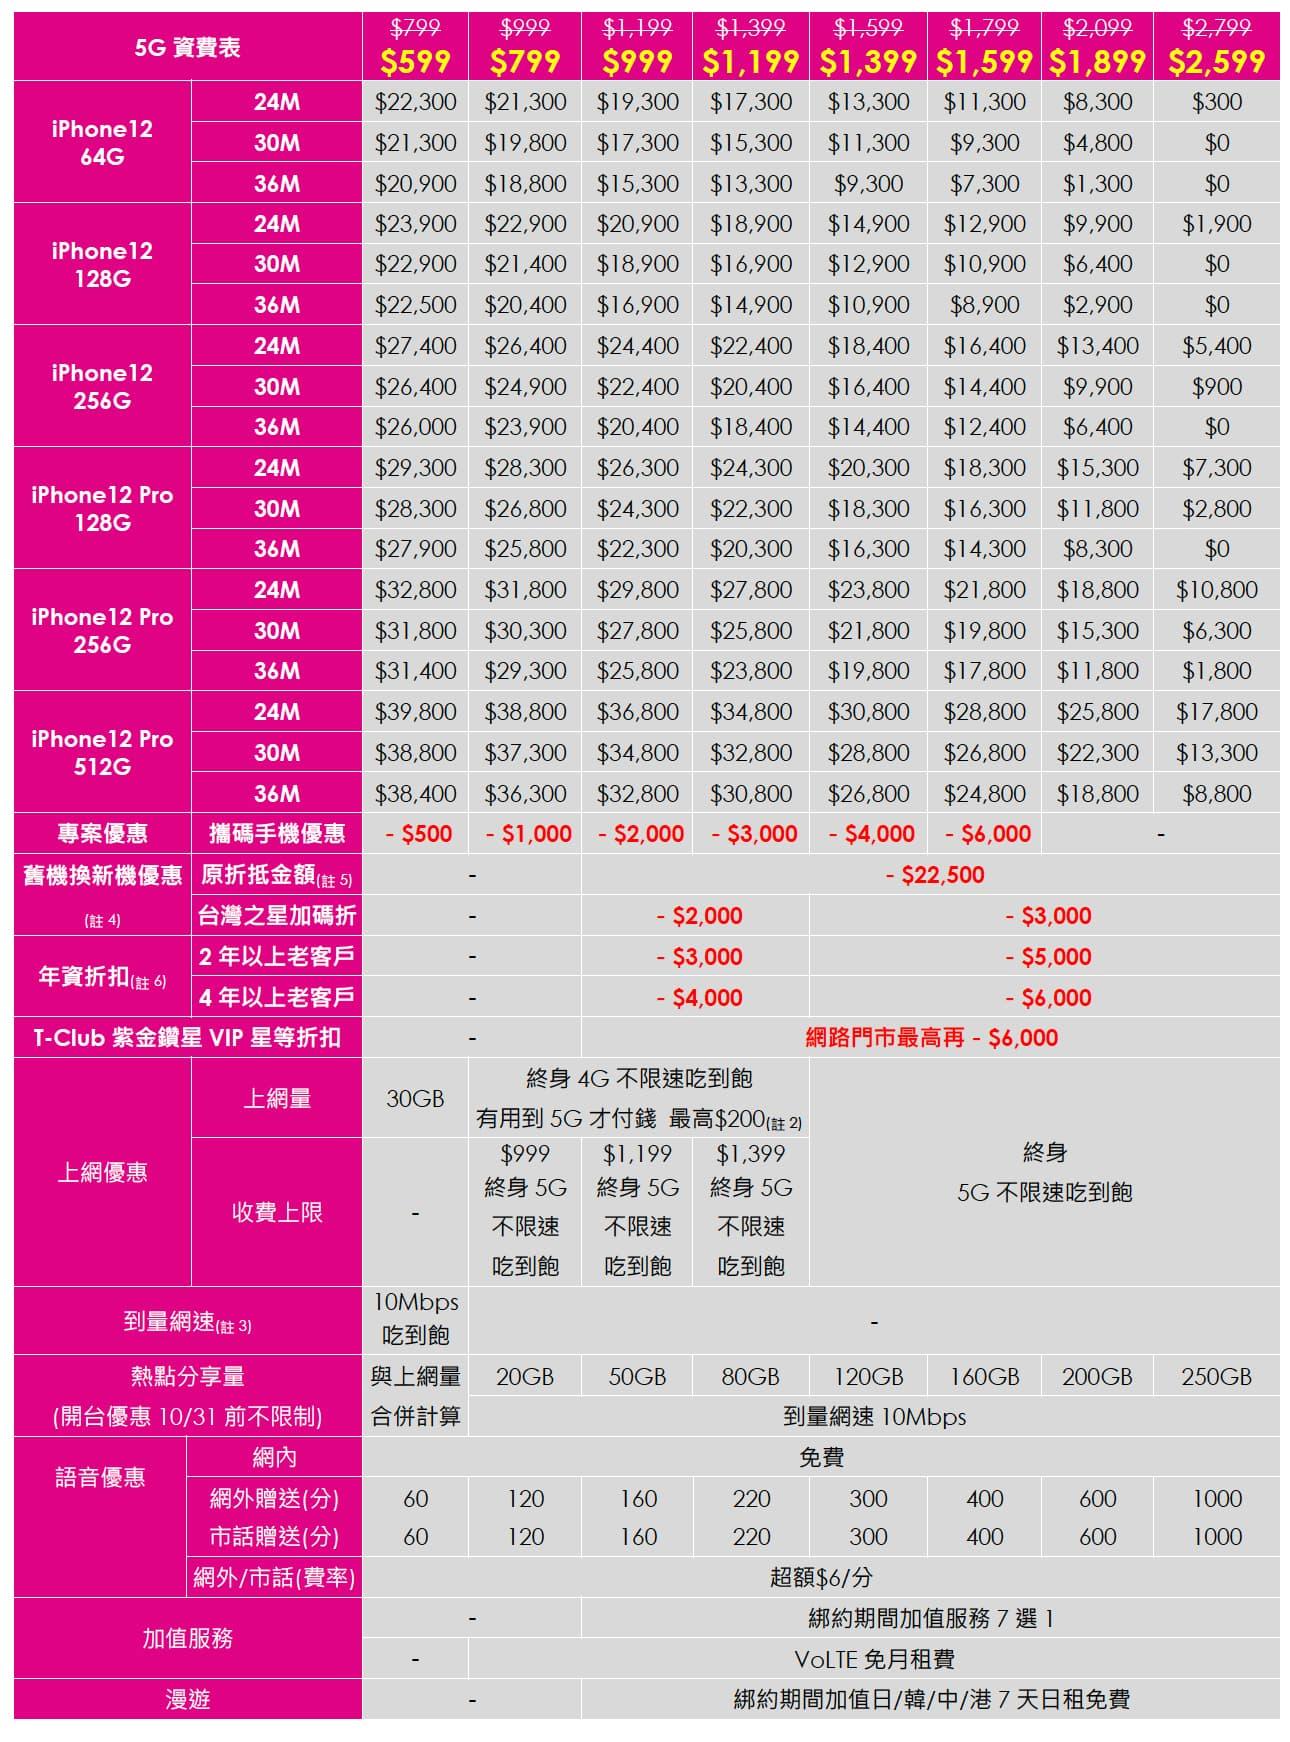 台灣之星 iPhone 12 5G資費方案